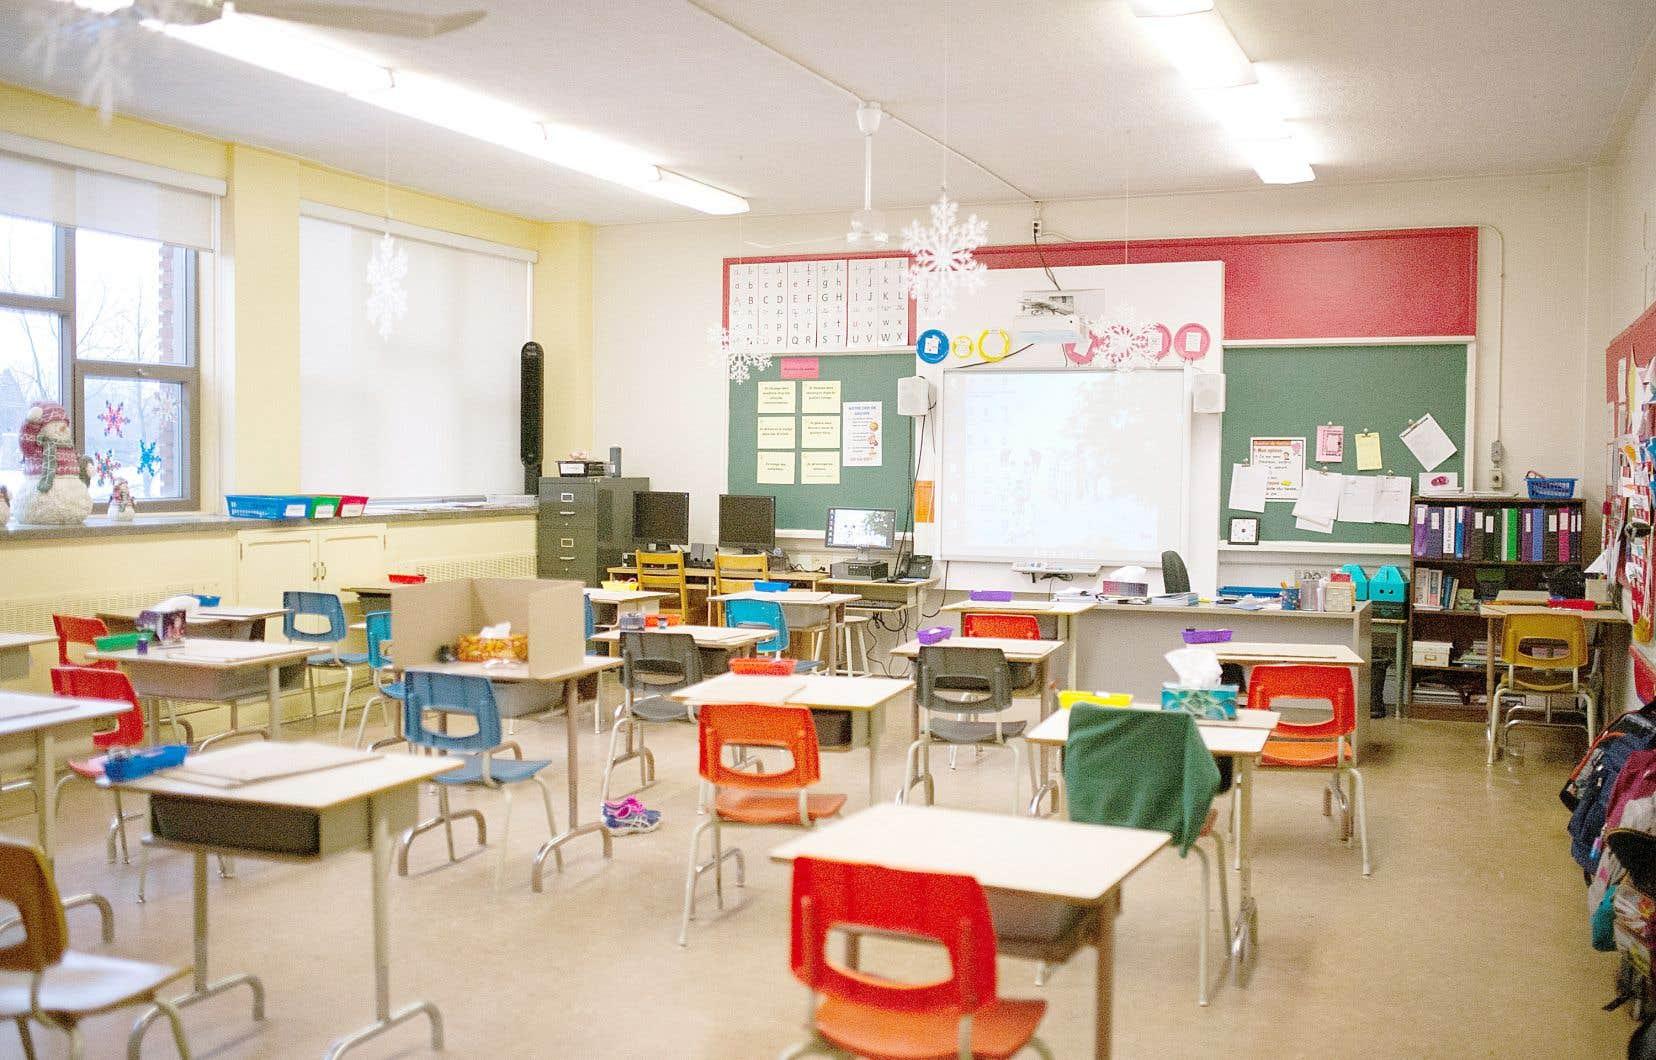 <p>Les centres de services scolaires et les écoles pourront planifier ces journées au moment de leur choix dans l'horaire et en fonction de leurs réalités respectives.</p>